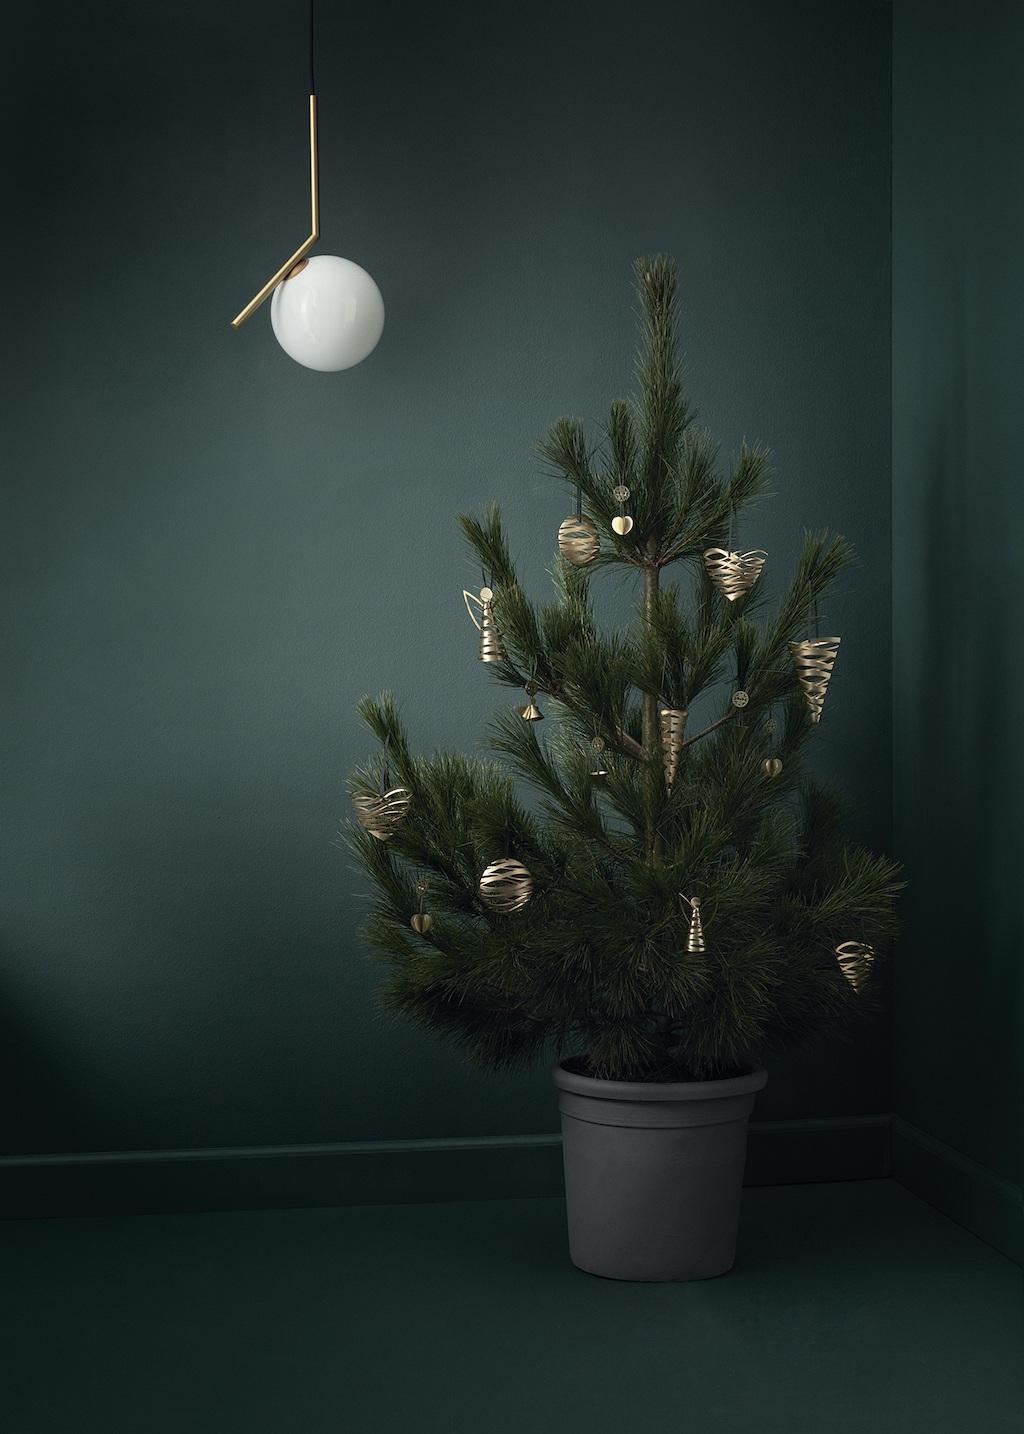 Schmucker Baum, ey! Schönes für den Weihnachtsbaum